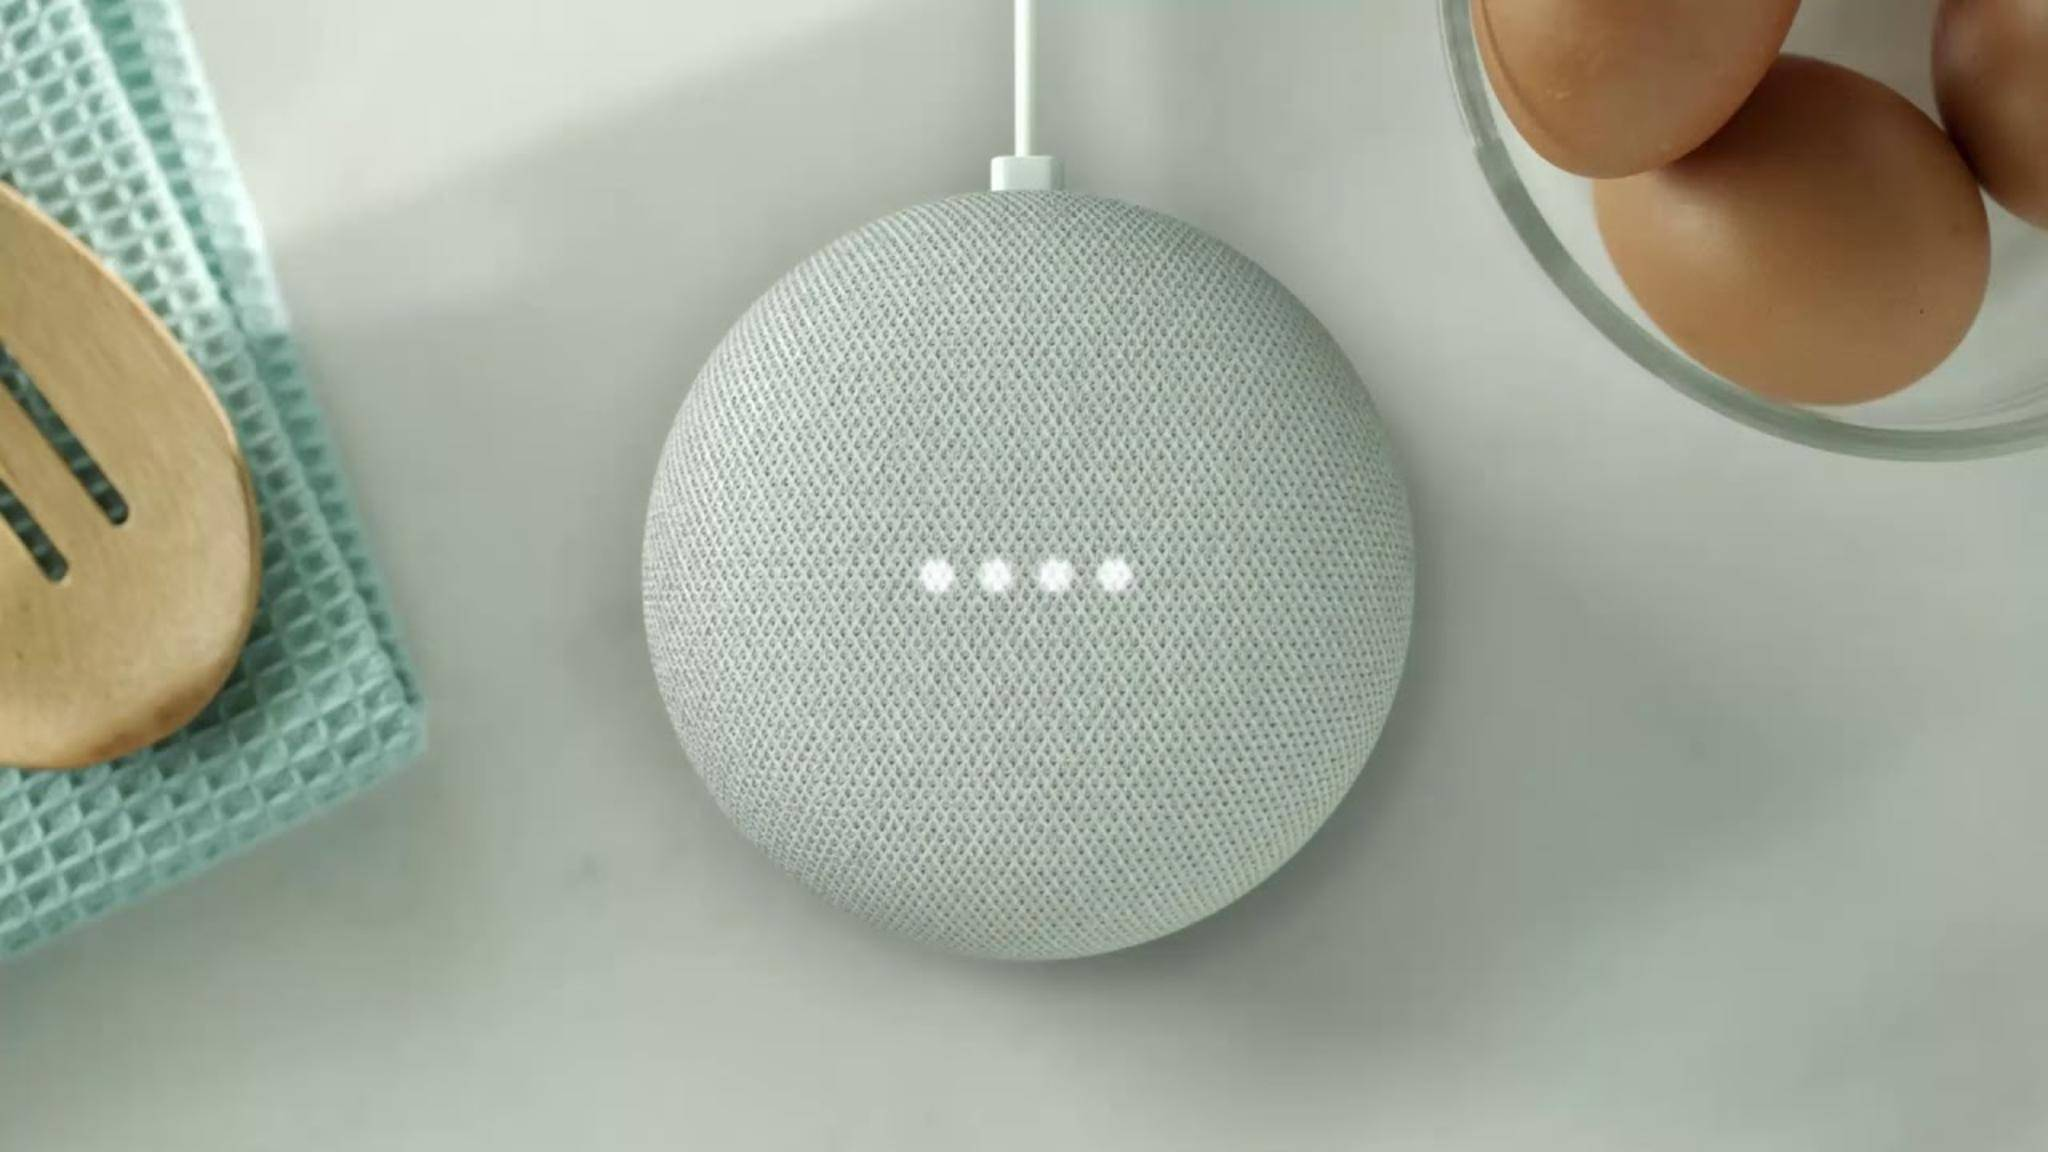 Der Google Home Mini ist klein und kompakt.